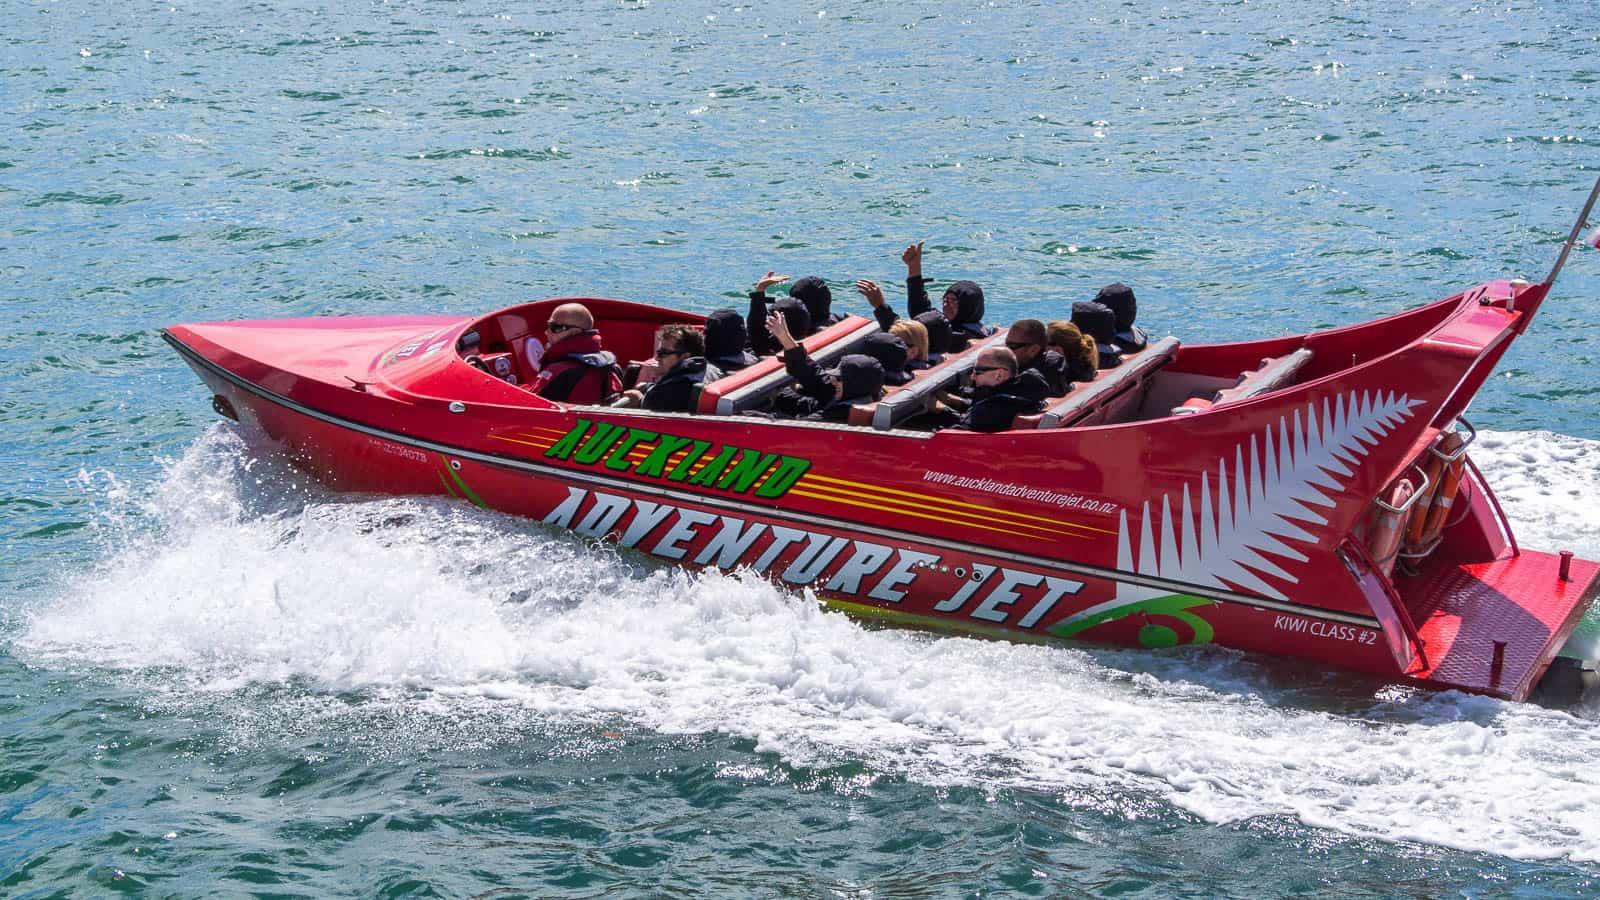 Adrenaline Rush Activities in Auckland